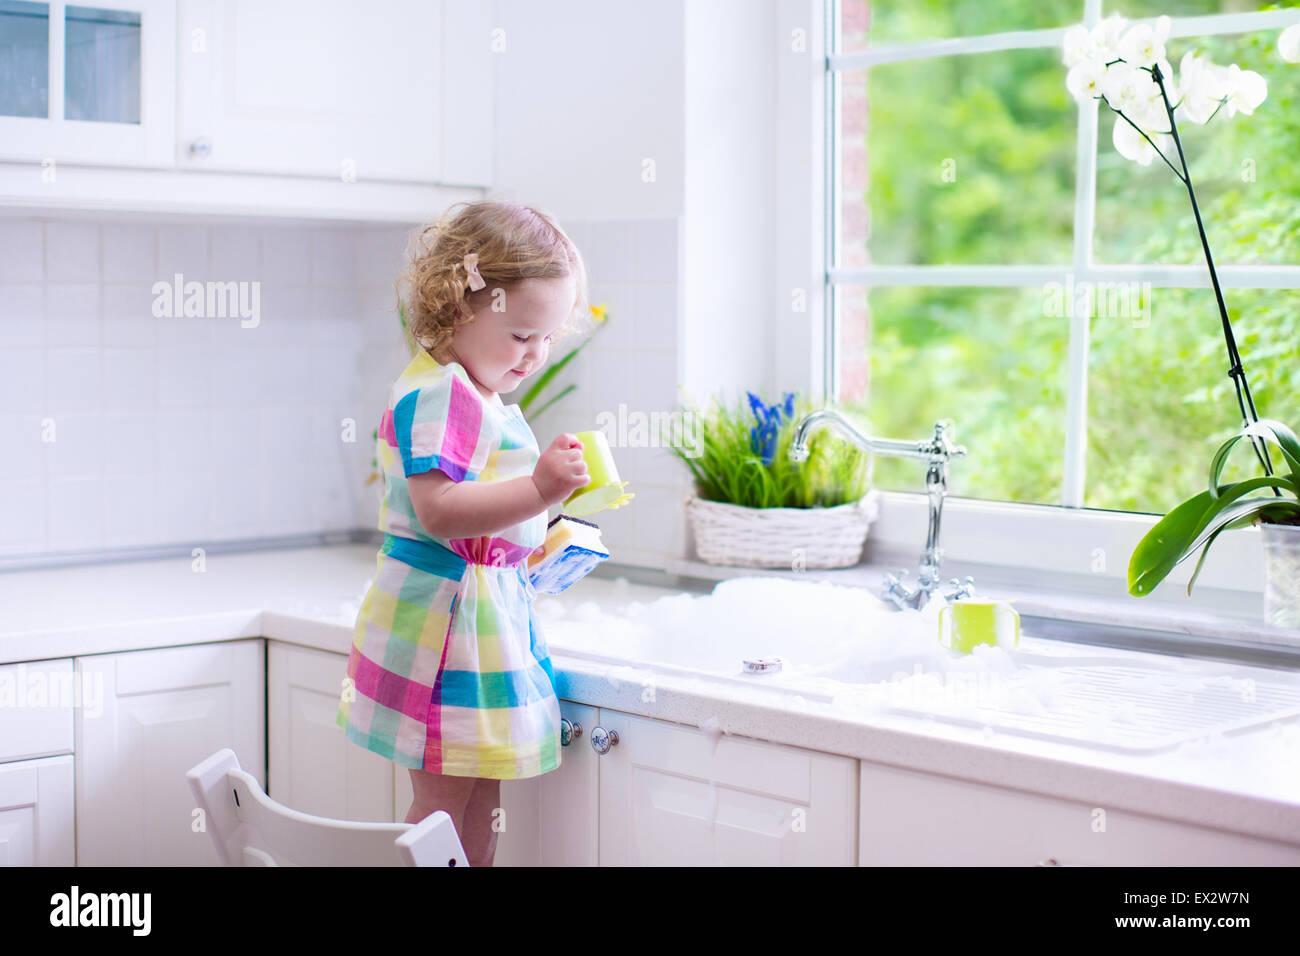 Kind abwaschen. Kinder waschen Teller und Tassen. Kleines Mädchen ...